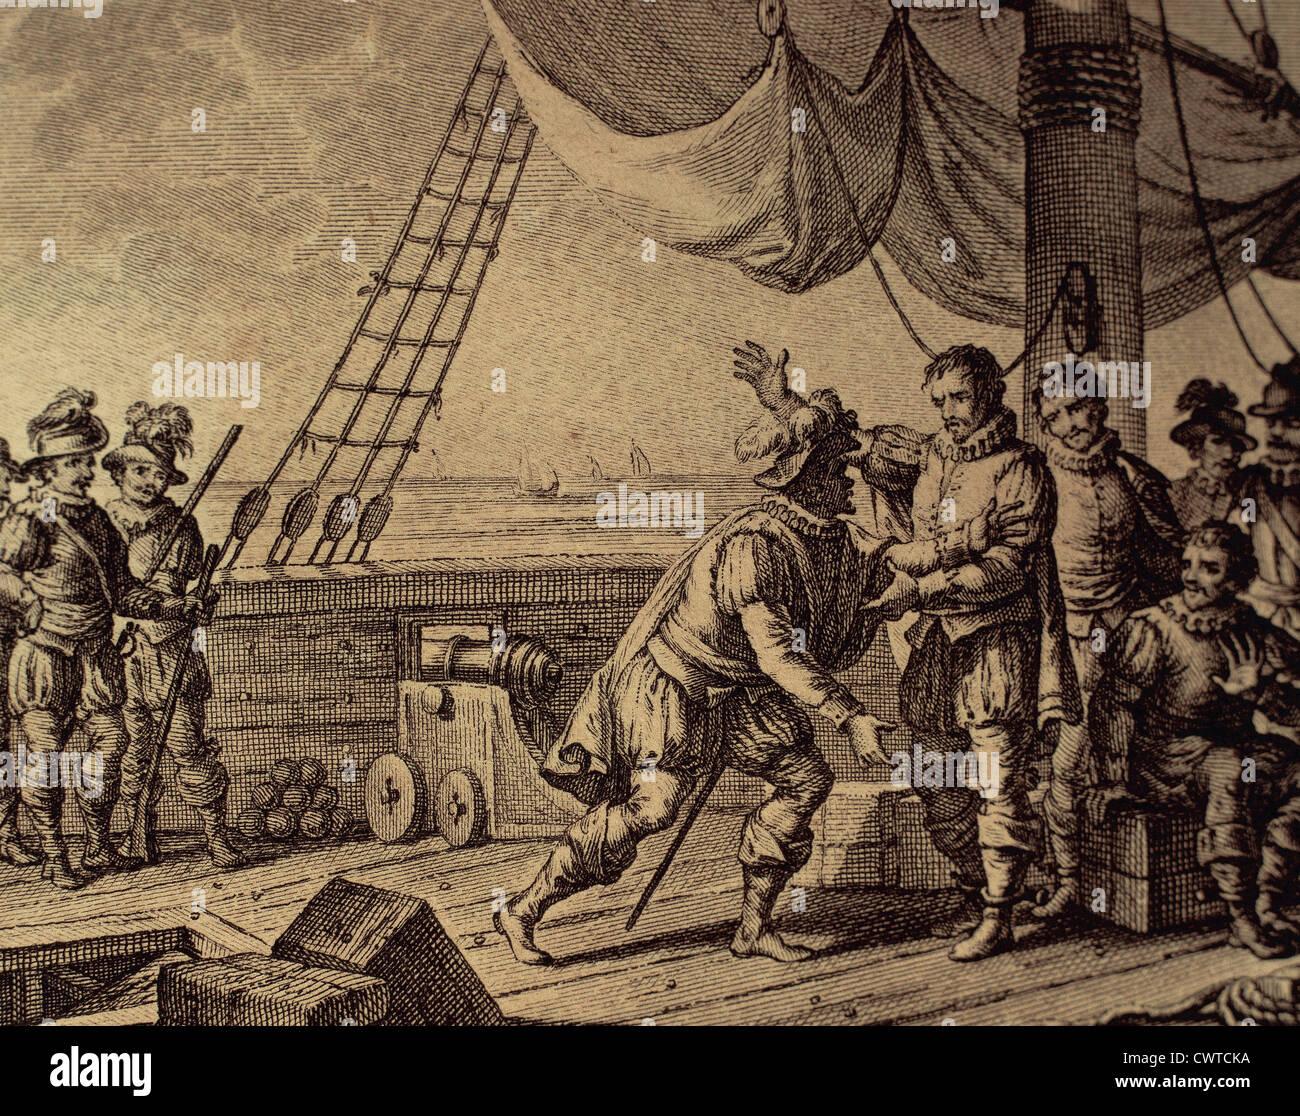 Geliebte Dritte Reise von Christoph Kolumbus. Columbus und seine Brüder #LU_68